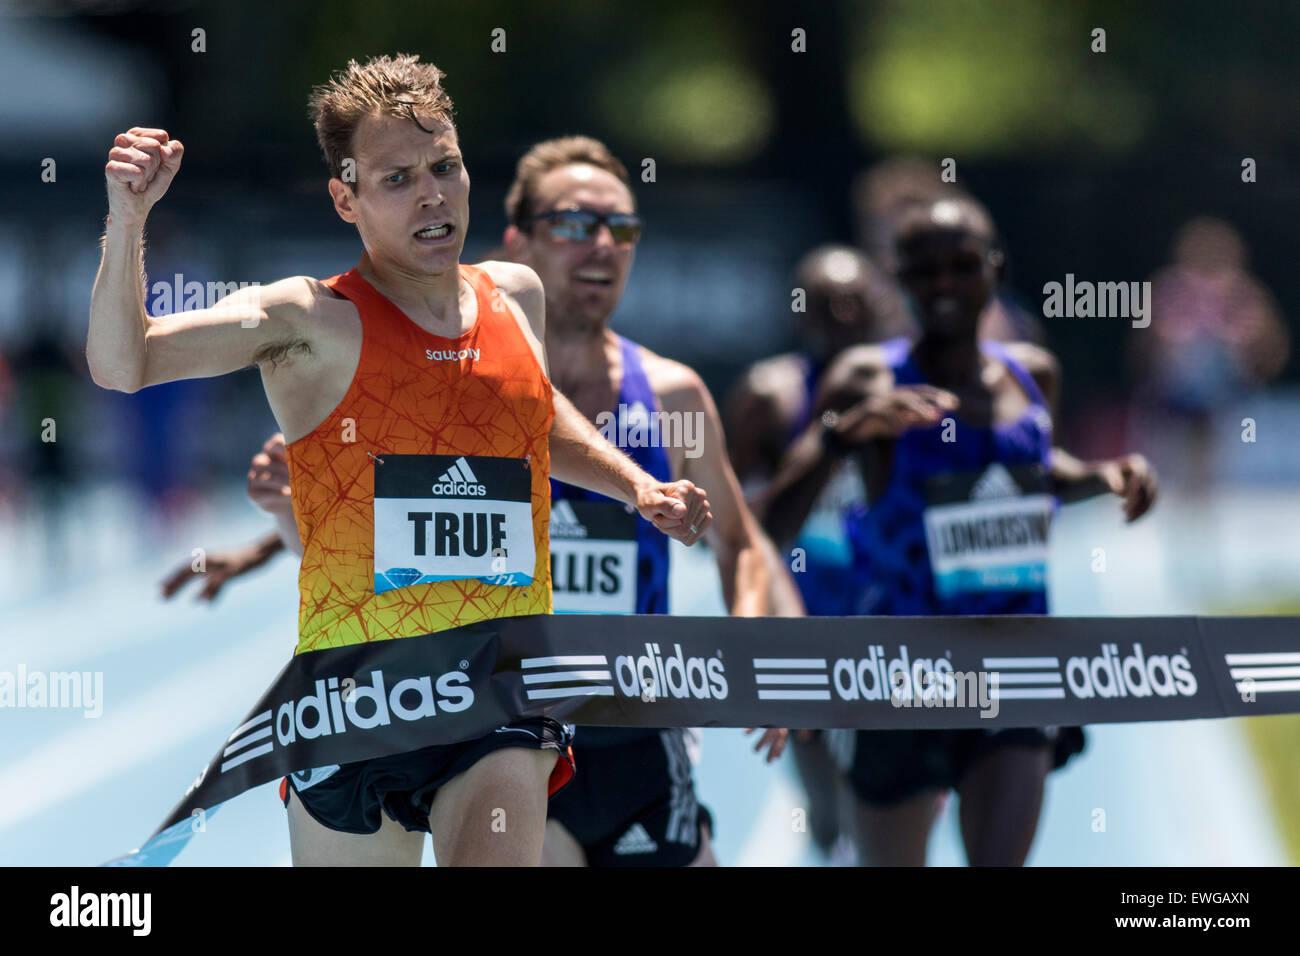 Ben wahr (USA) besiegt Nick Willis (NZL) in der Männer 5000 m beim 2015 Adidas NYC Diamond League Grand Prix Stockbild